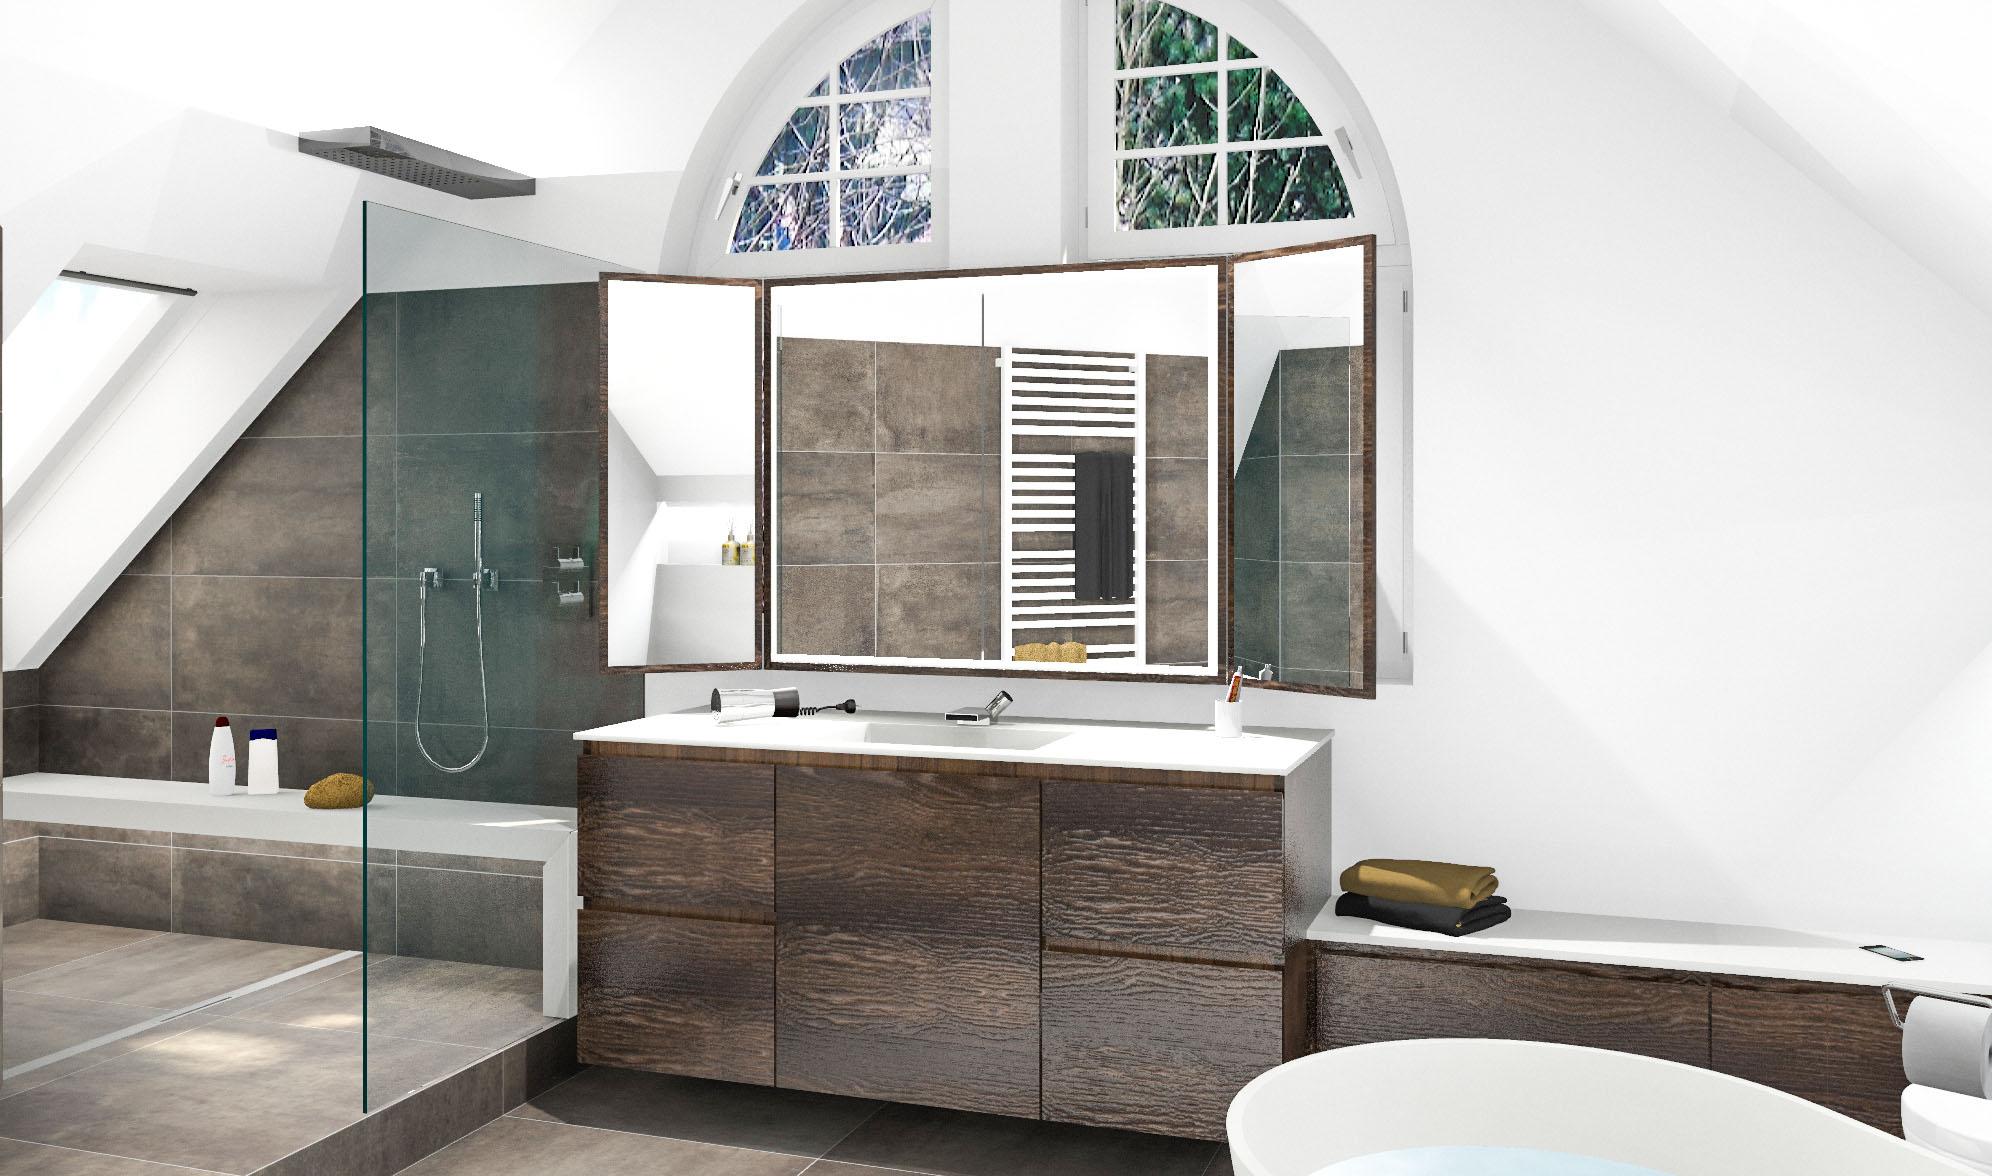 Die Herausforderung bei einer Badrenovierung komplett aus einer Hand ist die Harmonie von Farben, Formen und Materialien